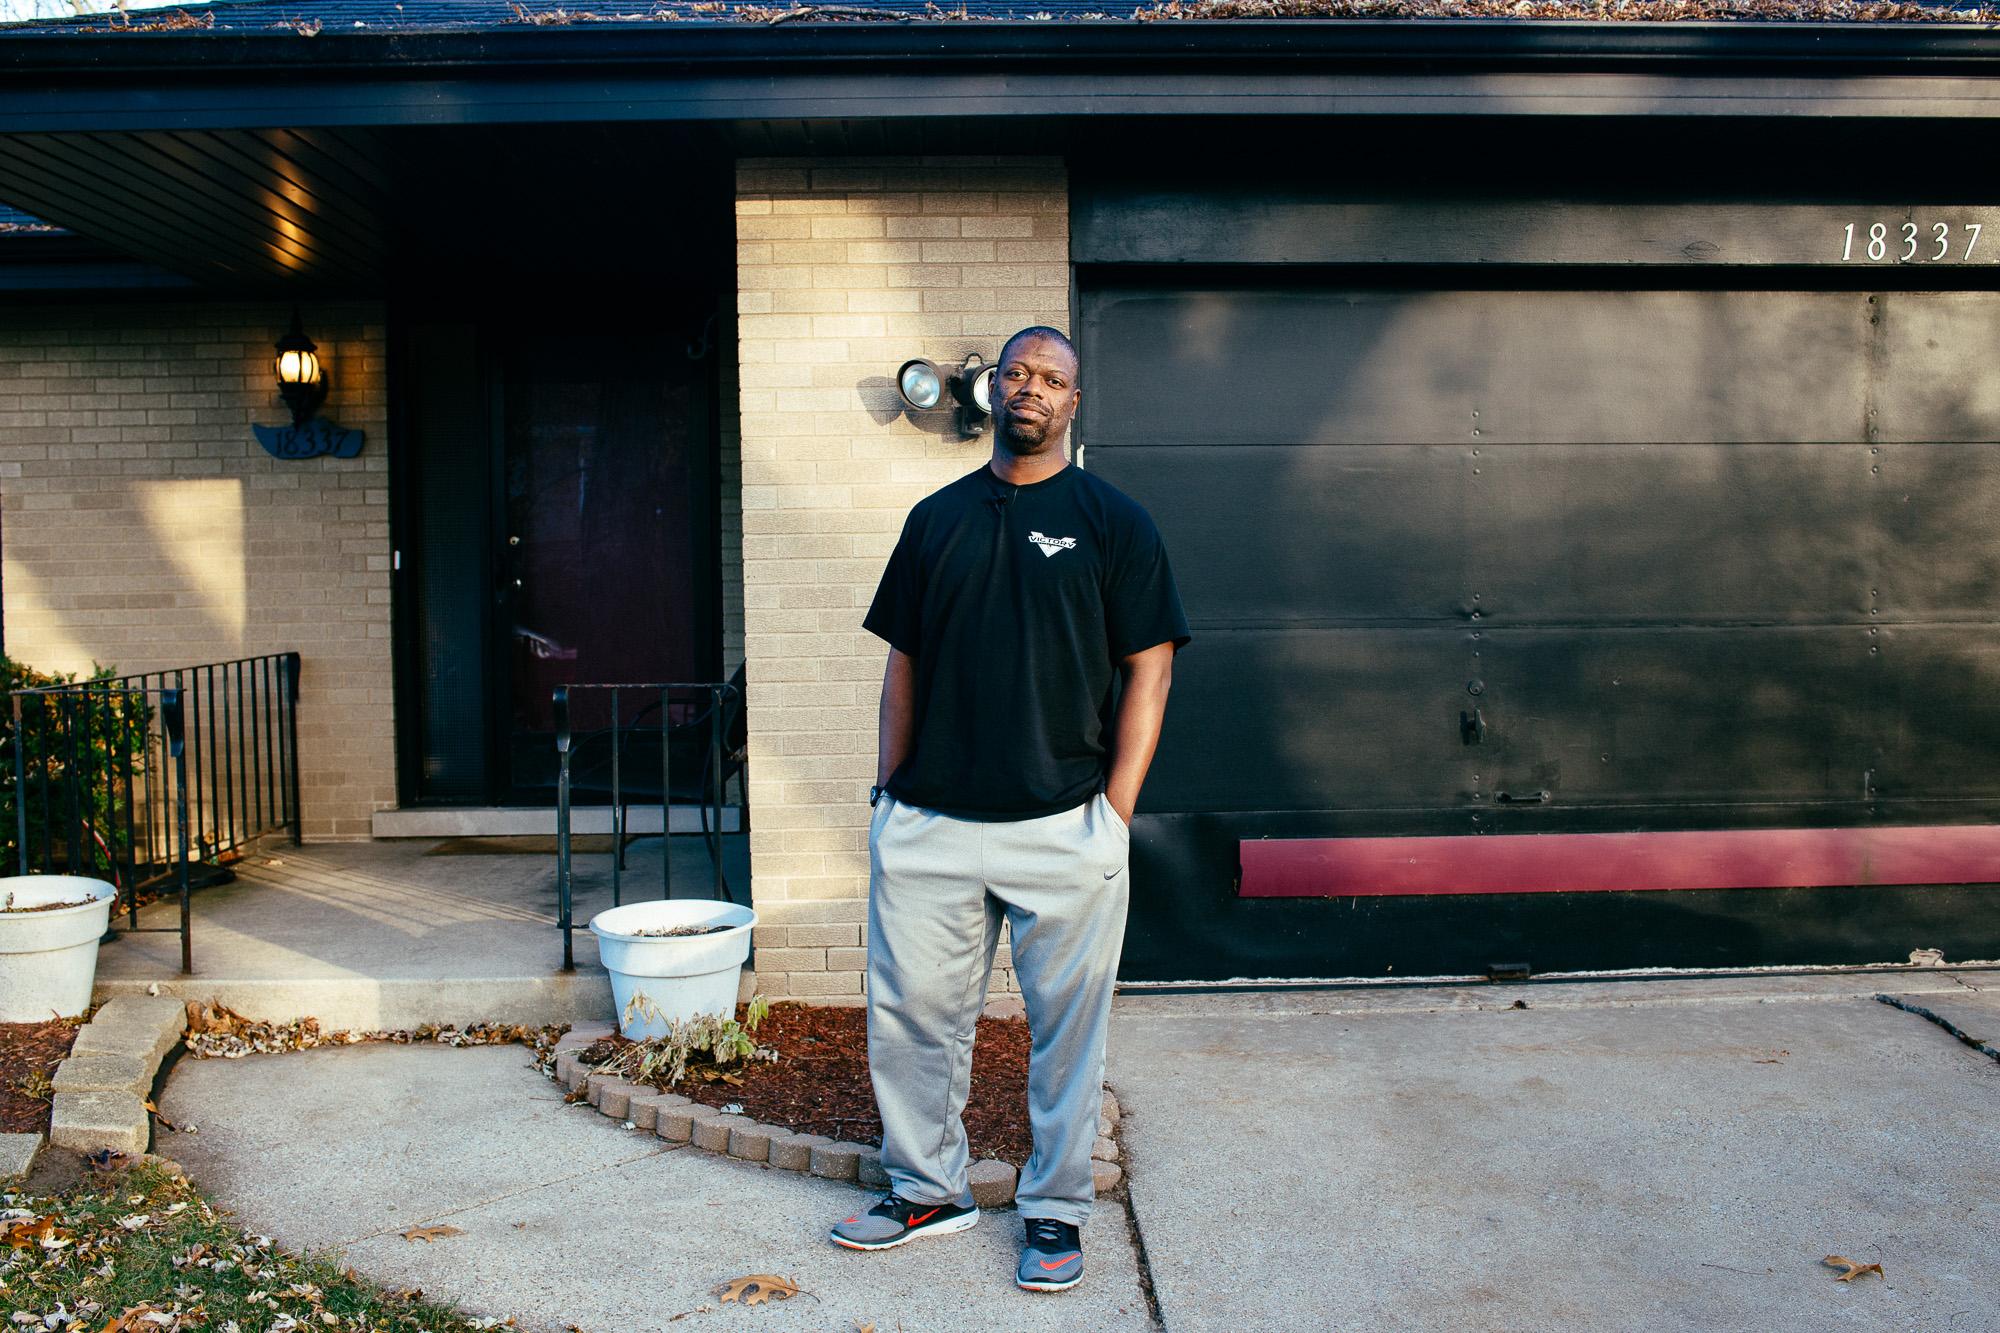 Cabrez outside his home in Chicago, IL.